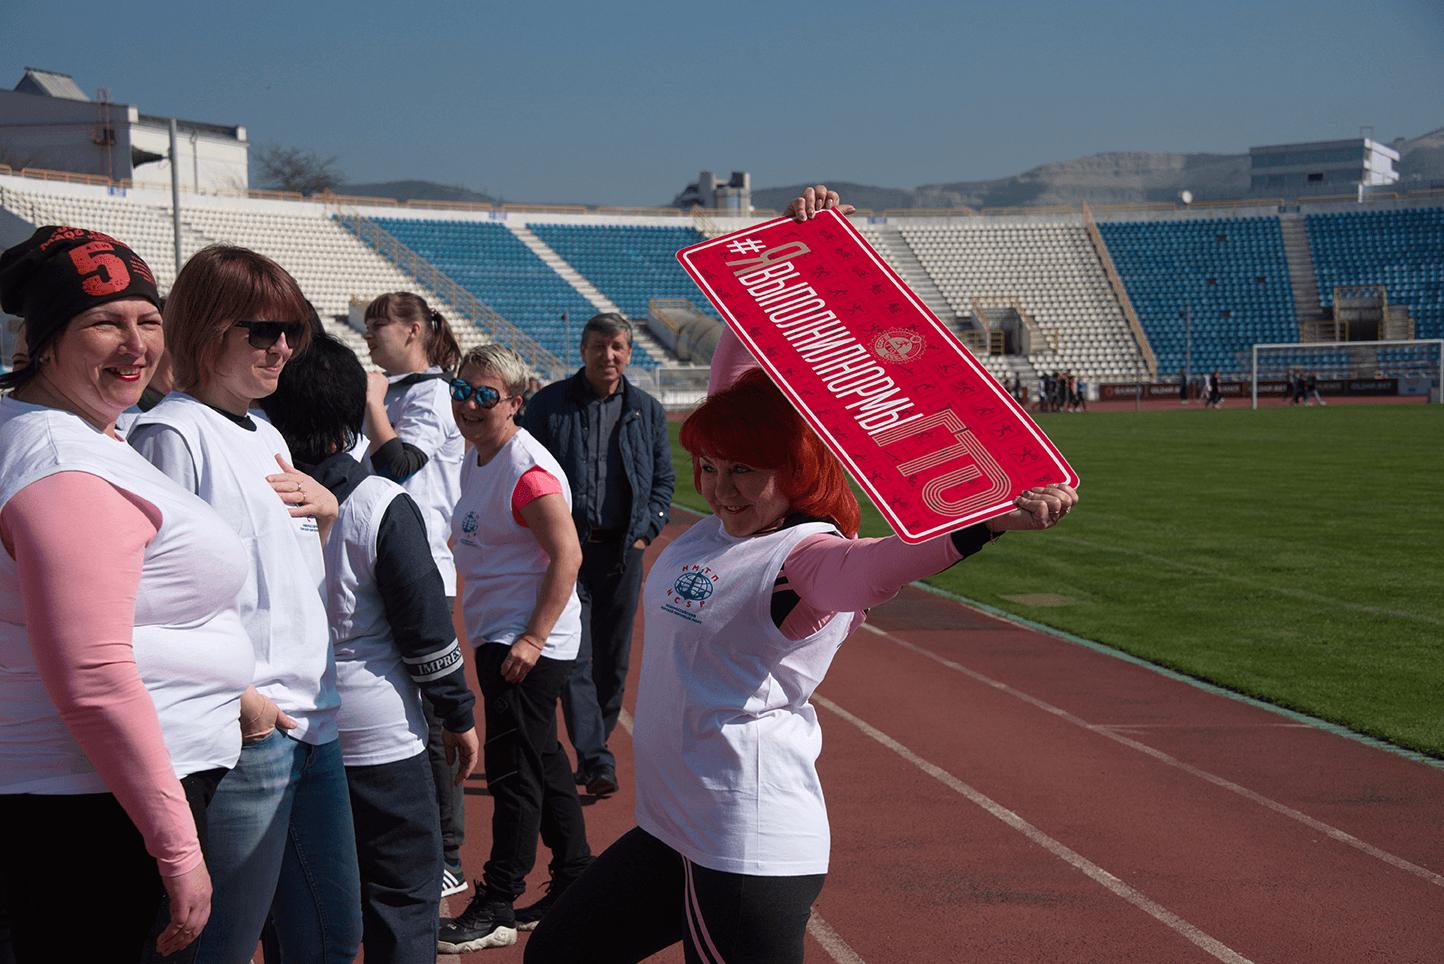 Как и где в Новороссийске можно сдать нормативы комплекса ГТО?